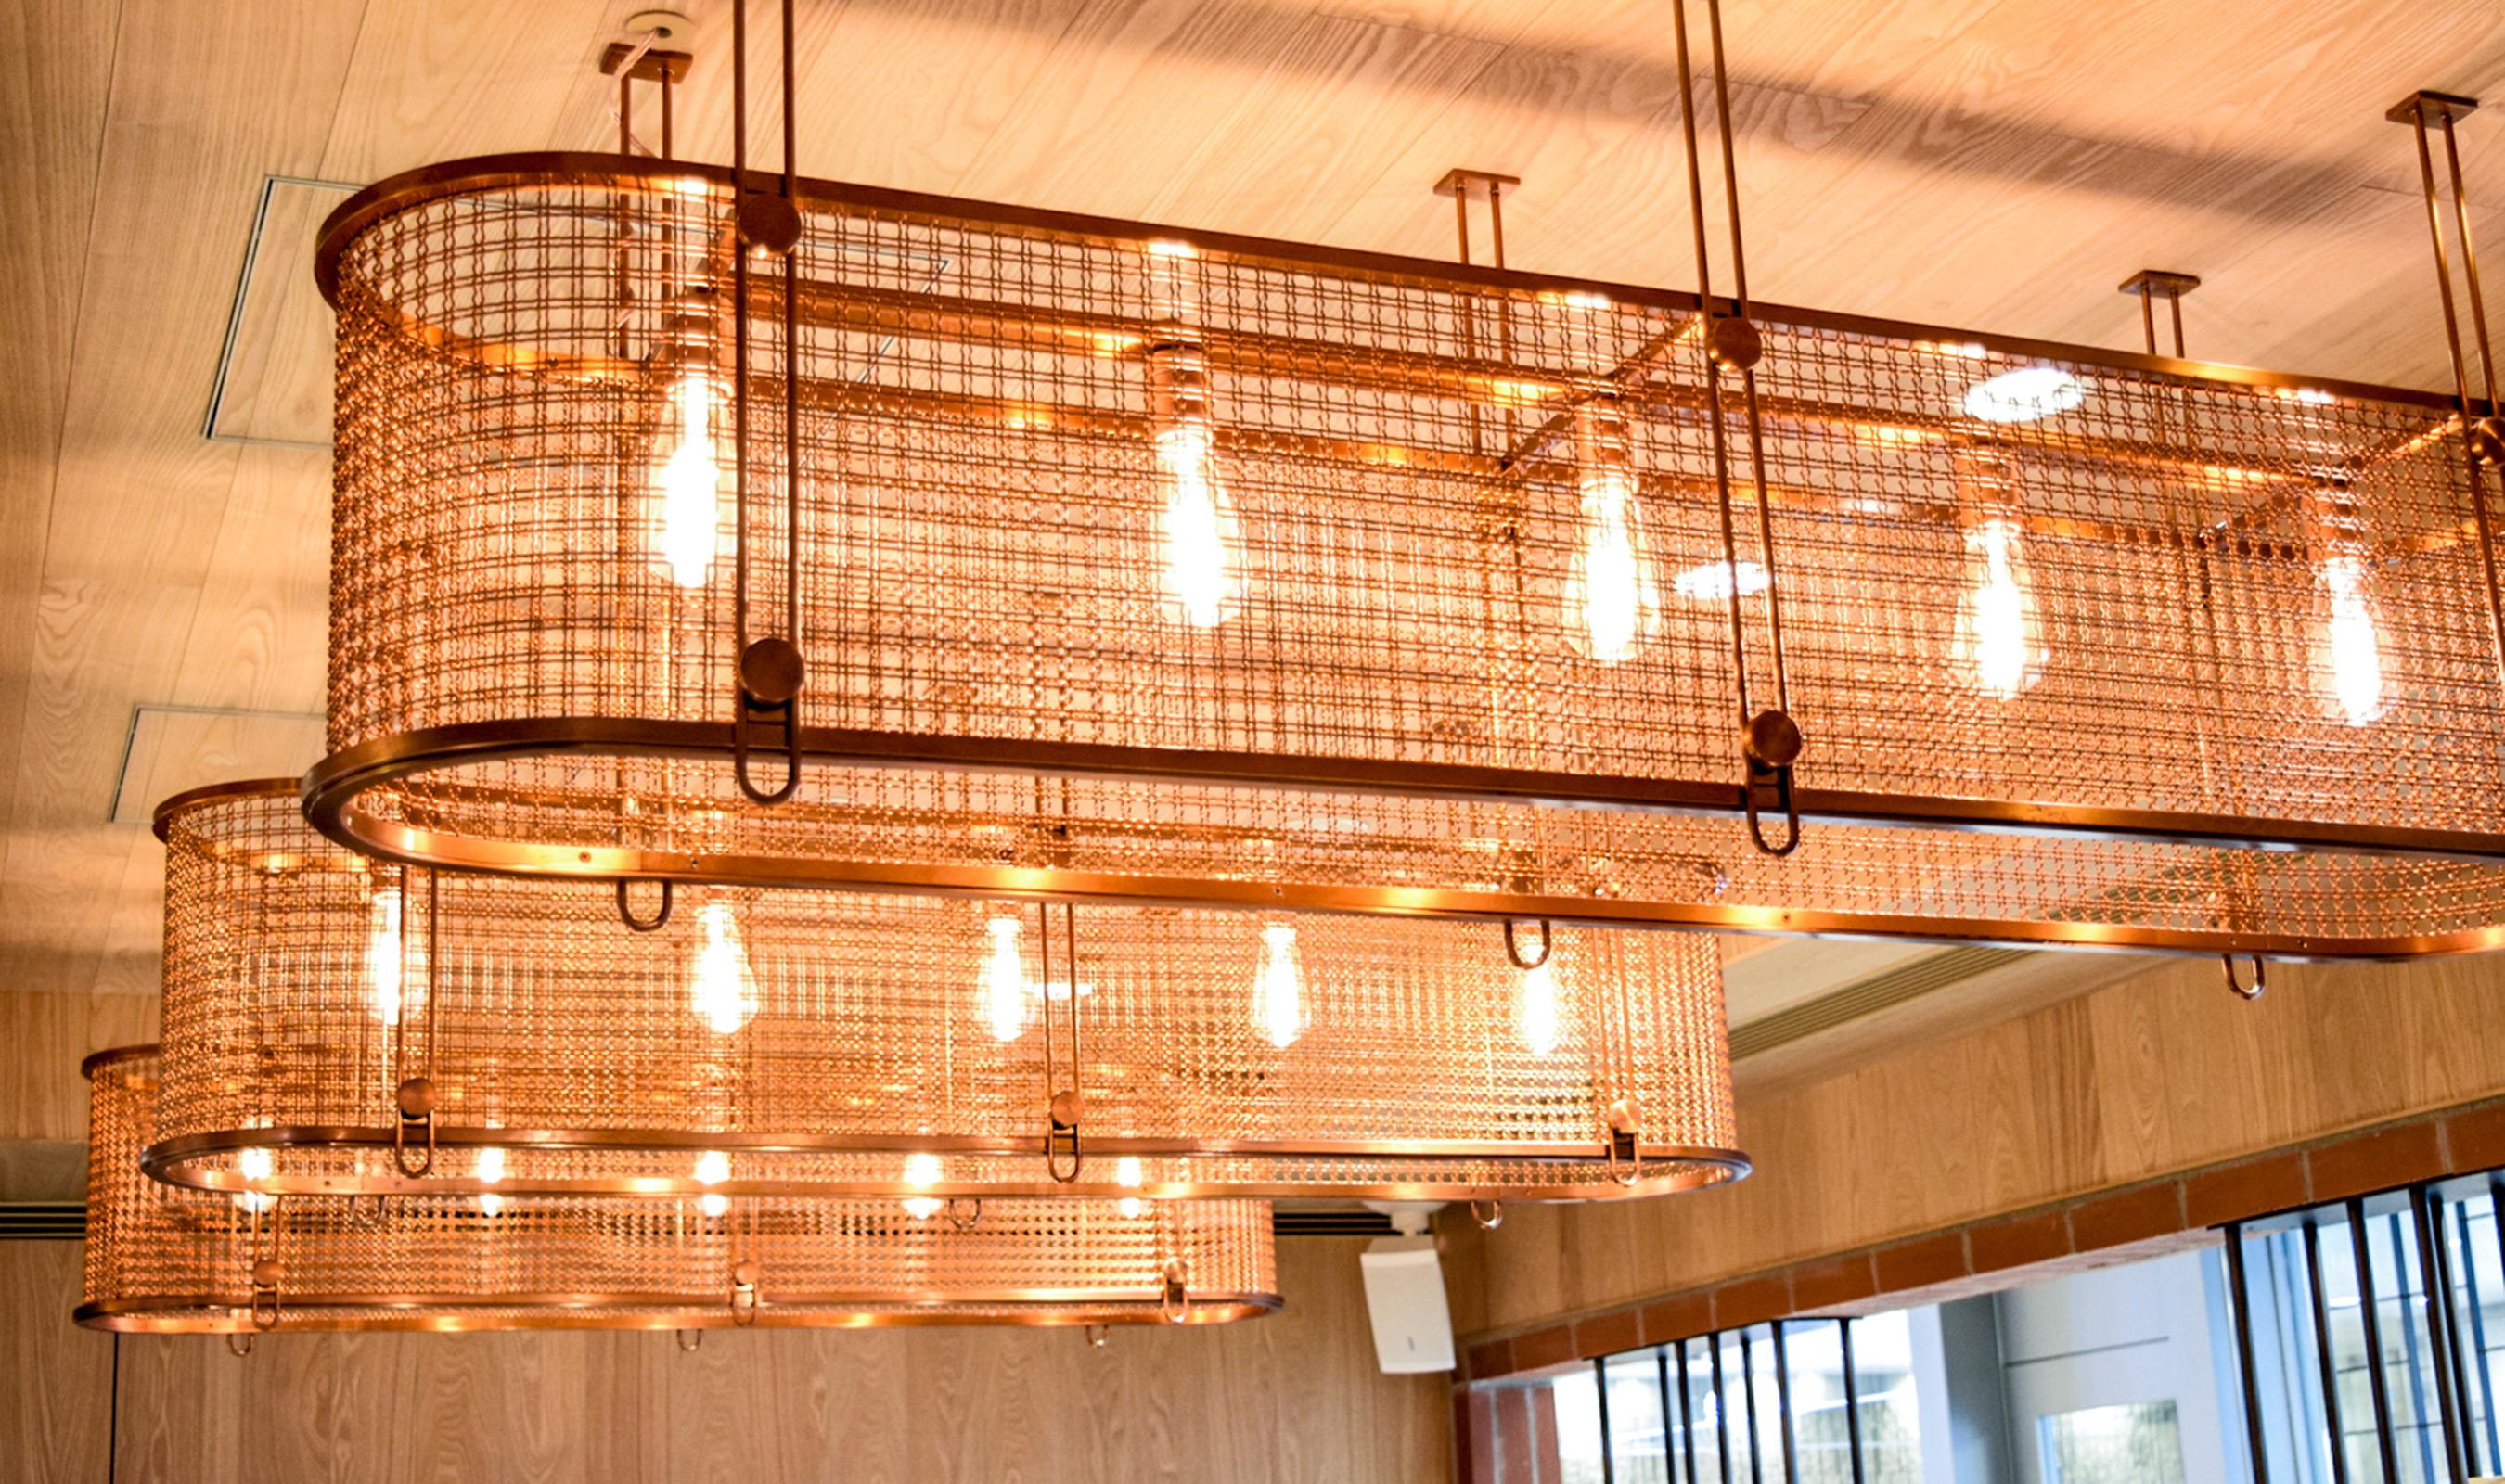 M22-28 wire mesh light fixtures